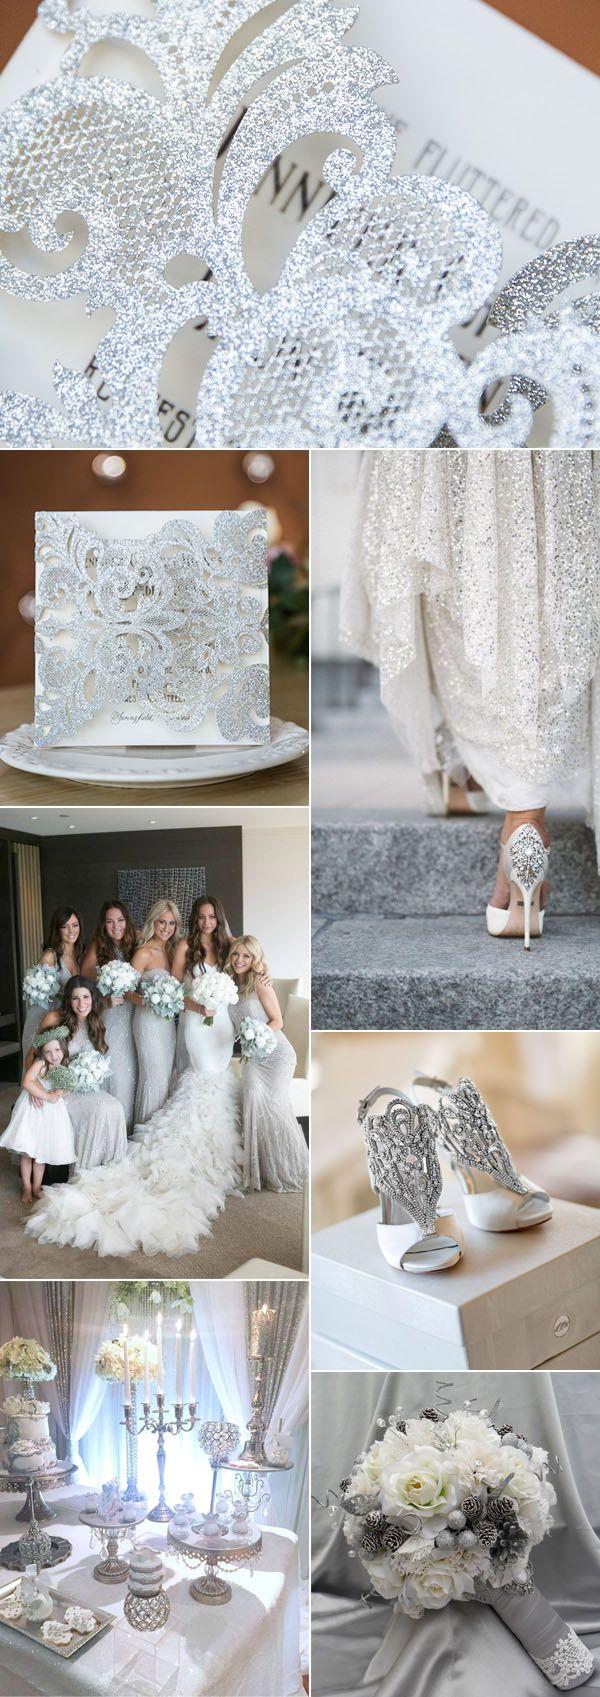 best 25+ glamorous wedding ideas on pinterest | glamorous wedding